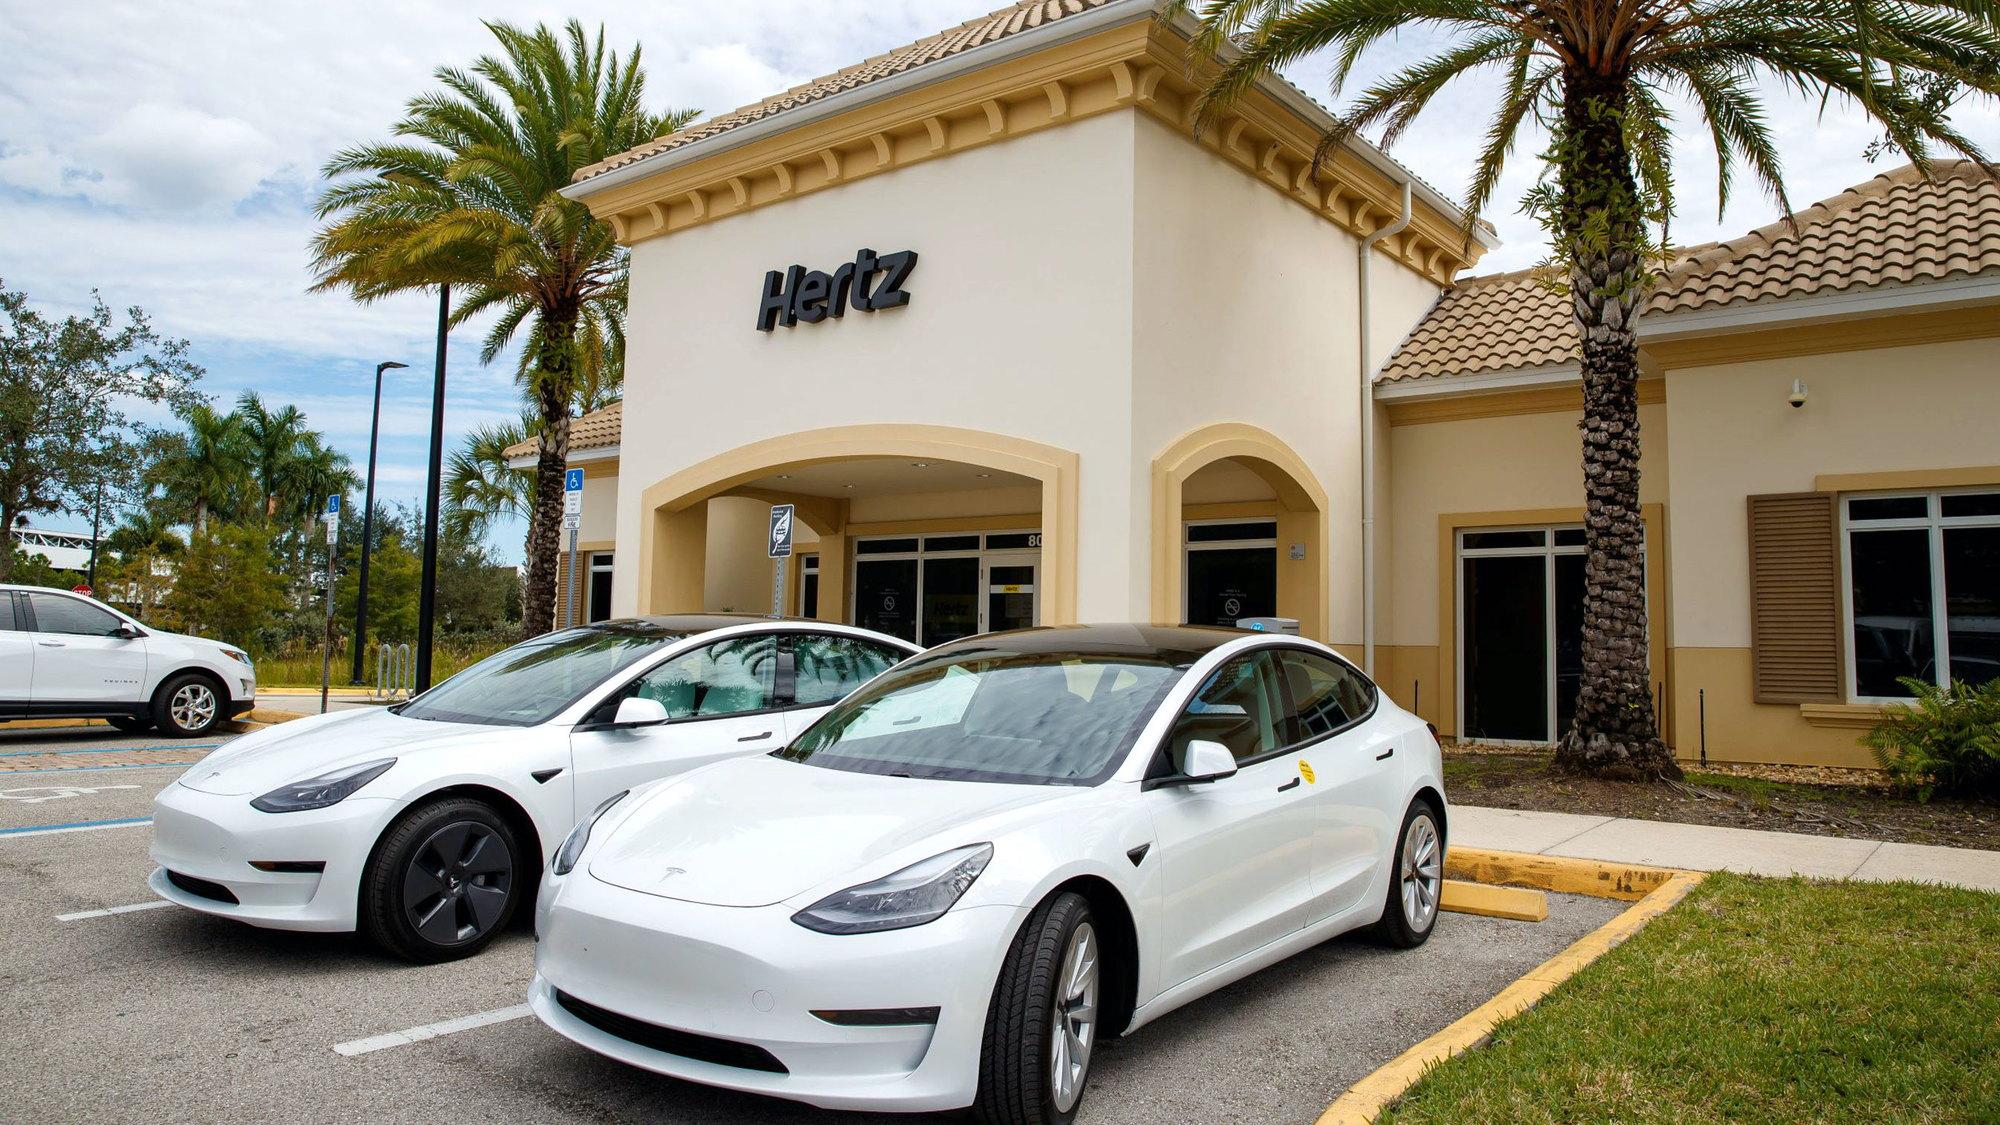 Tesla at Hertz